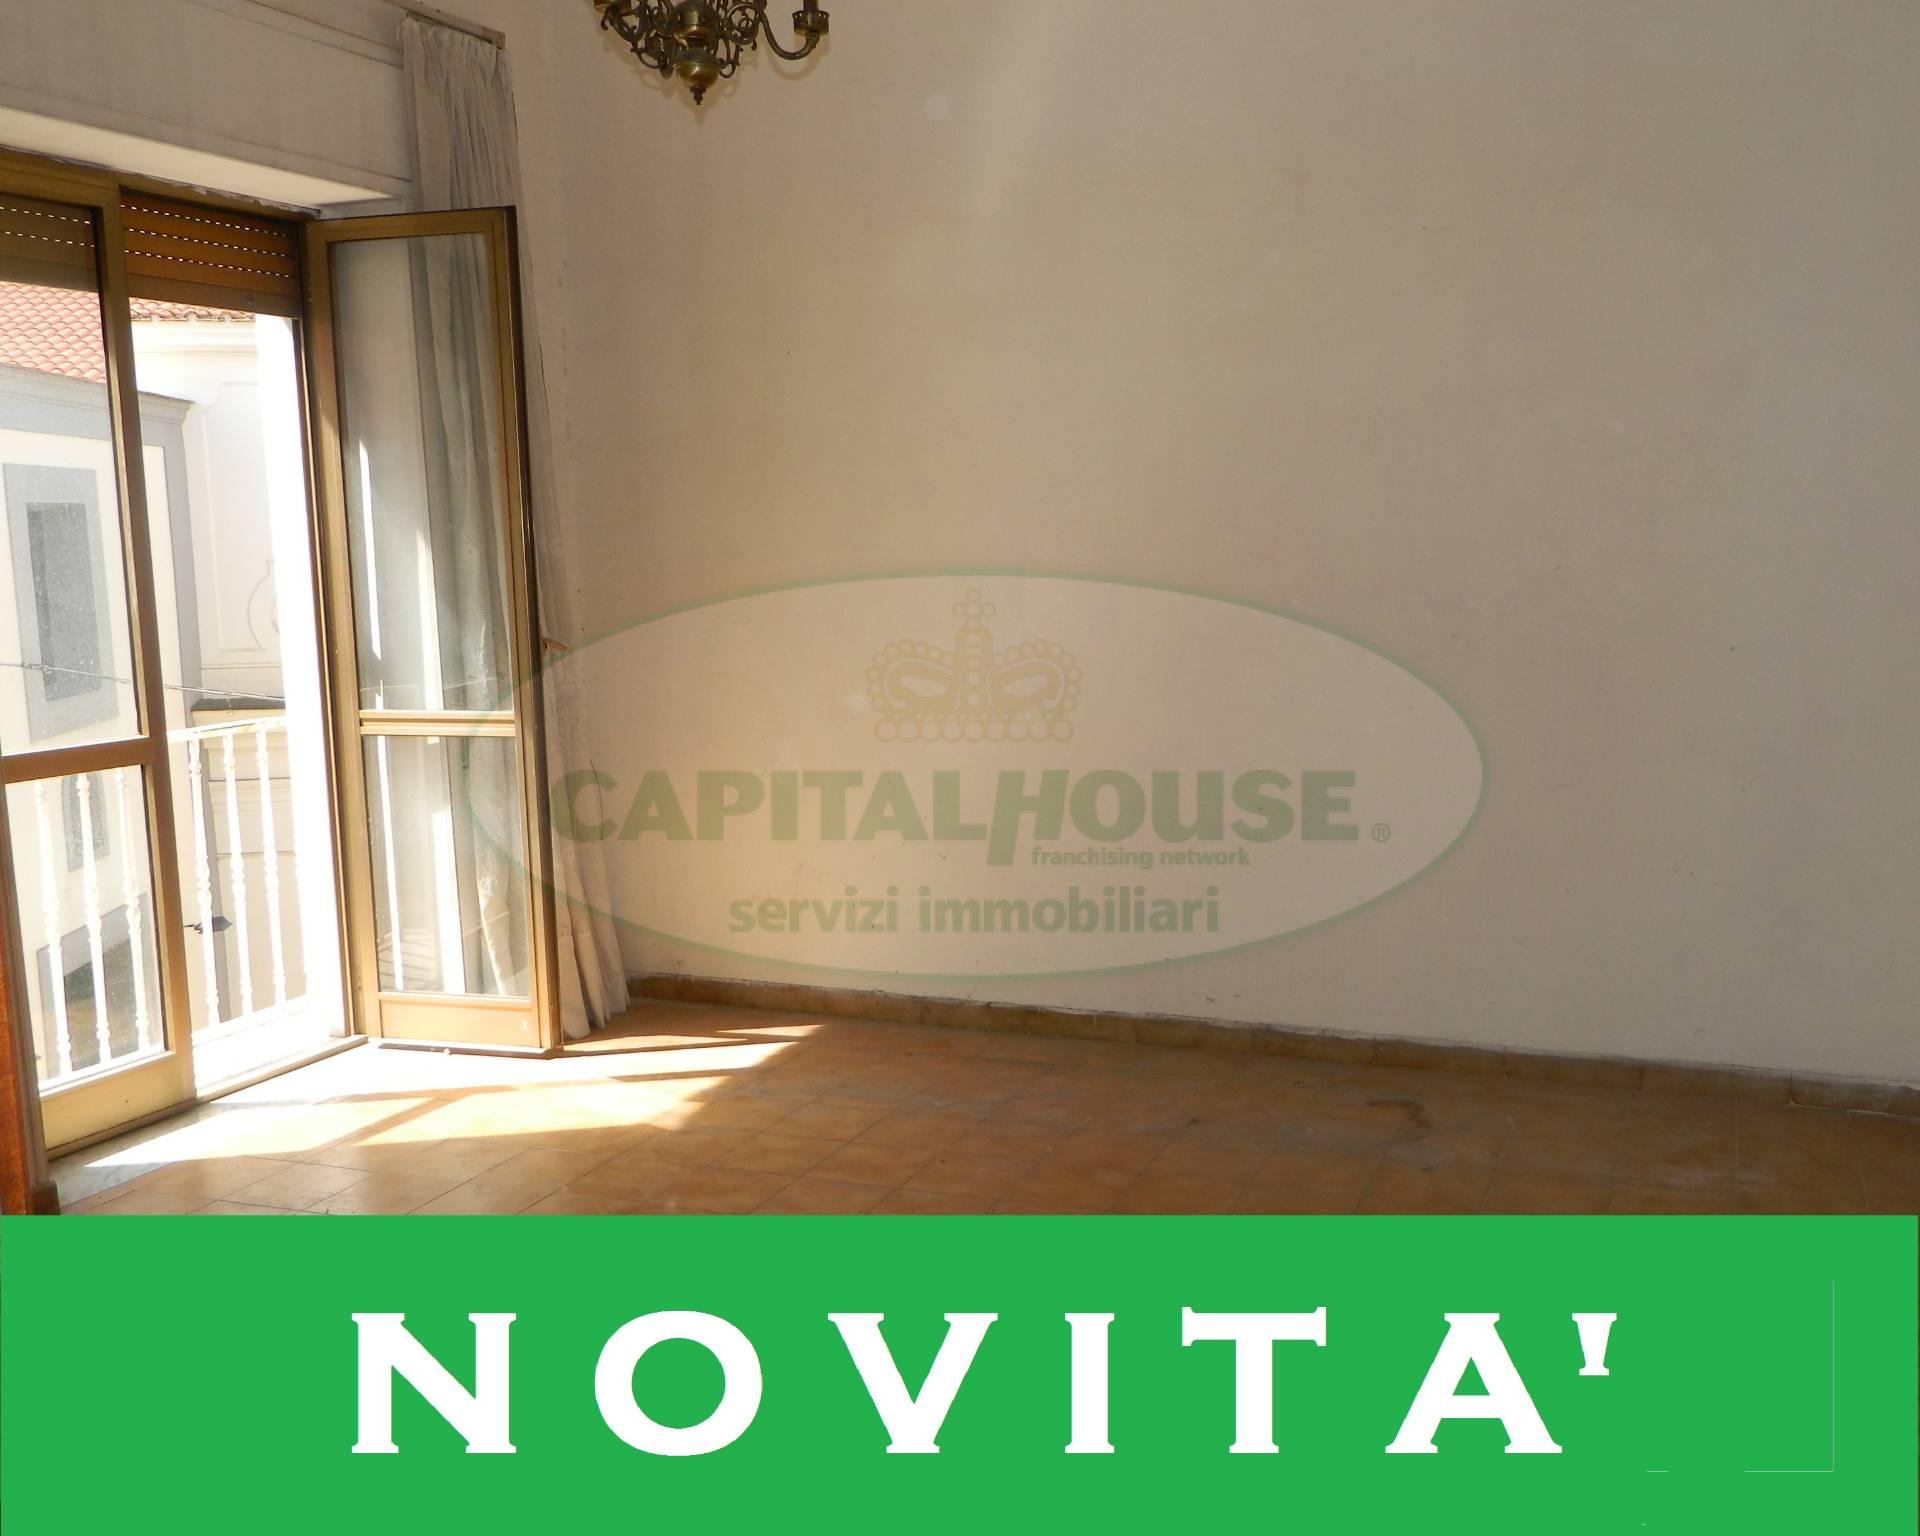 Appartamento in vendita a Afragola, 2 locali, zona Località: PiazzaCastello, prezzo € 45.000 | CambioCasa.it